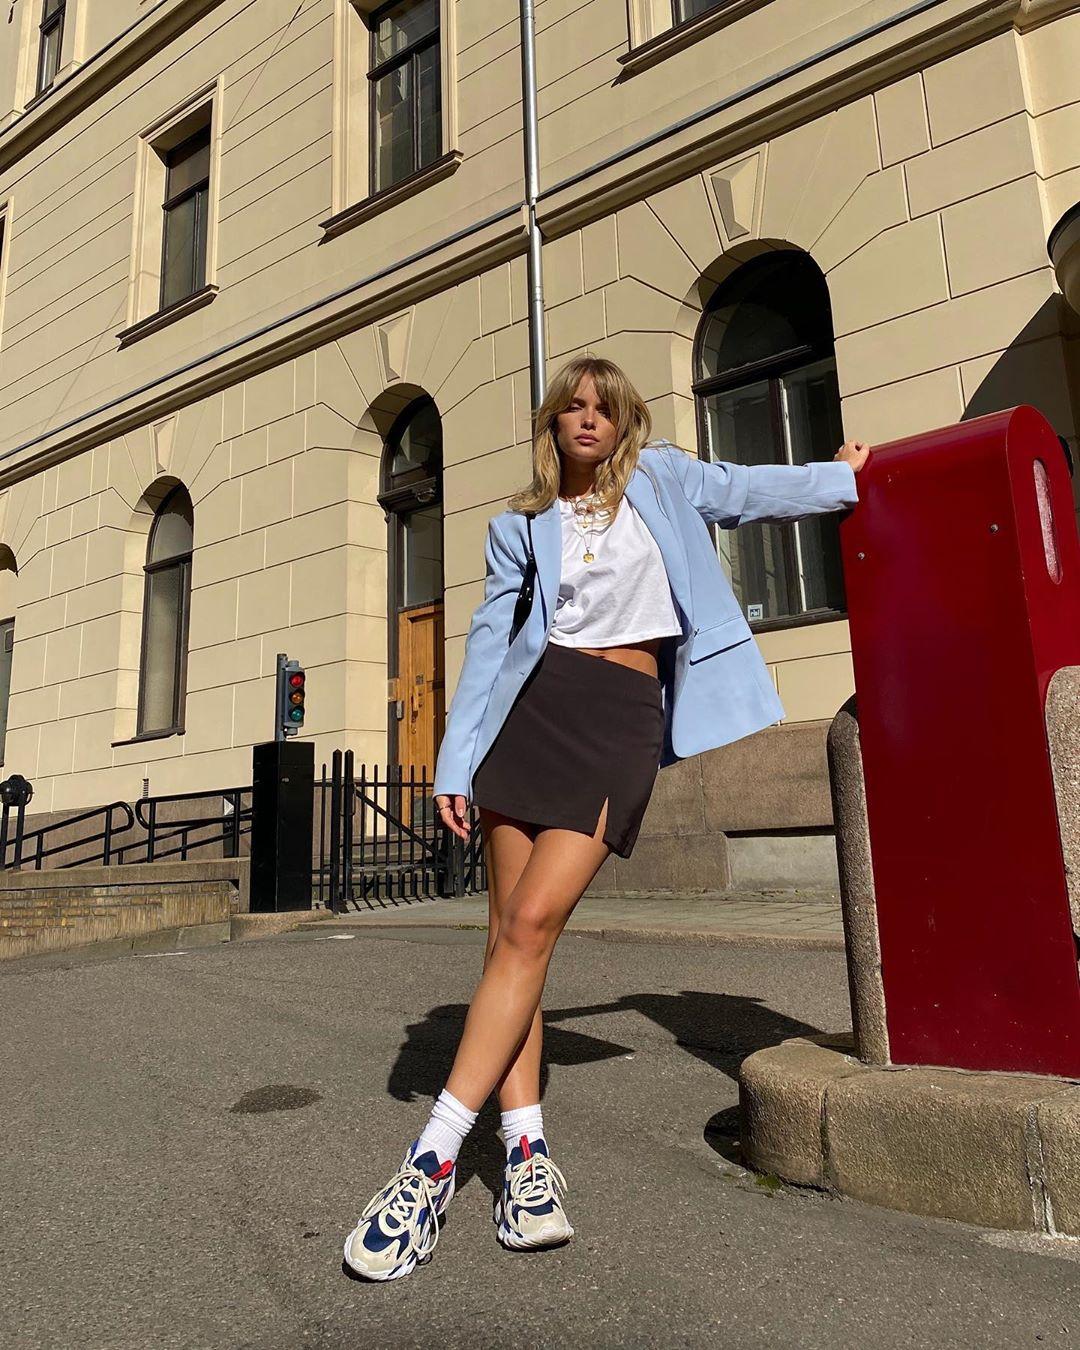 Josefine Vogt mặc áo lụa chân váy ngắn theo phong cách thời trang athleisure